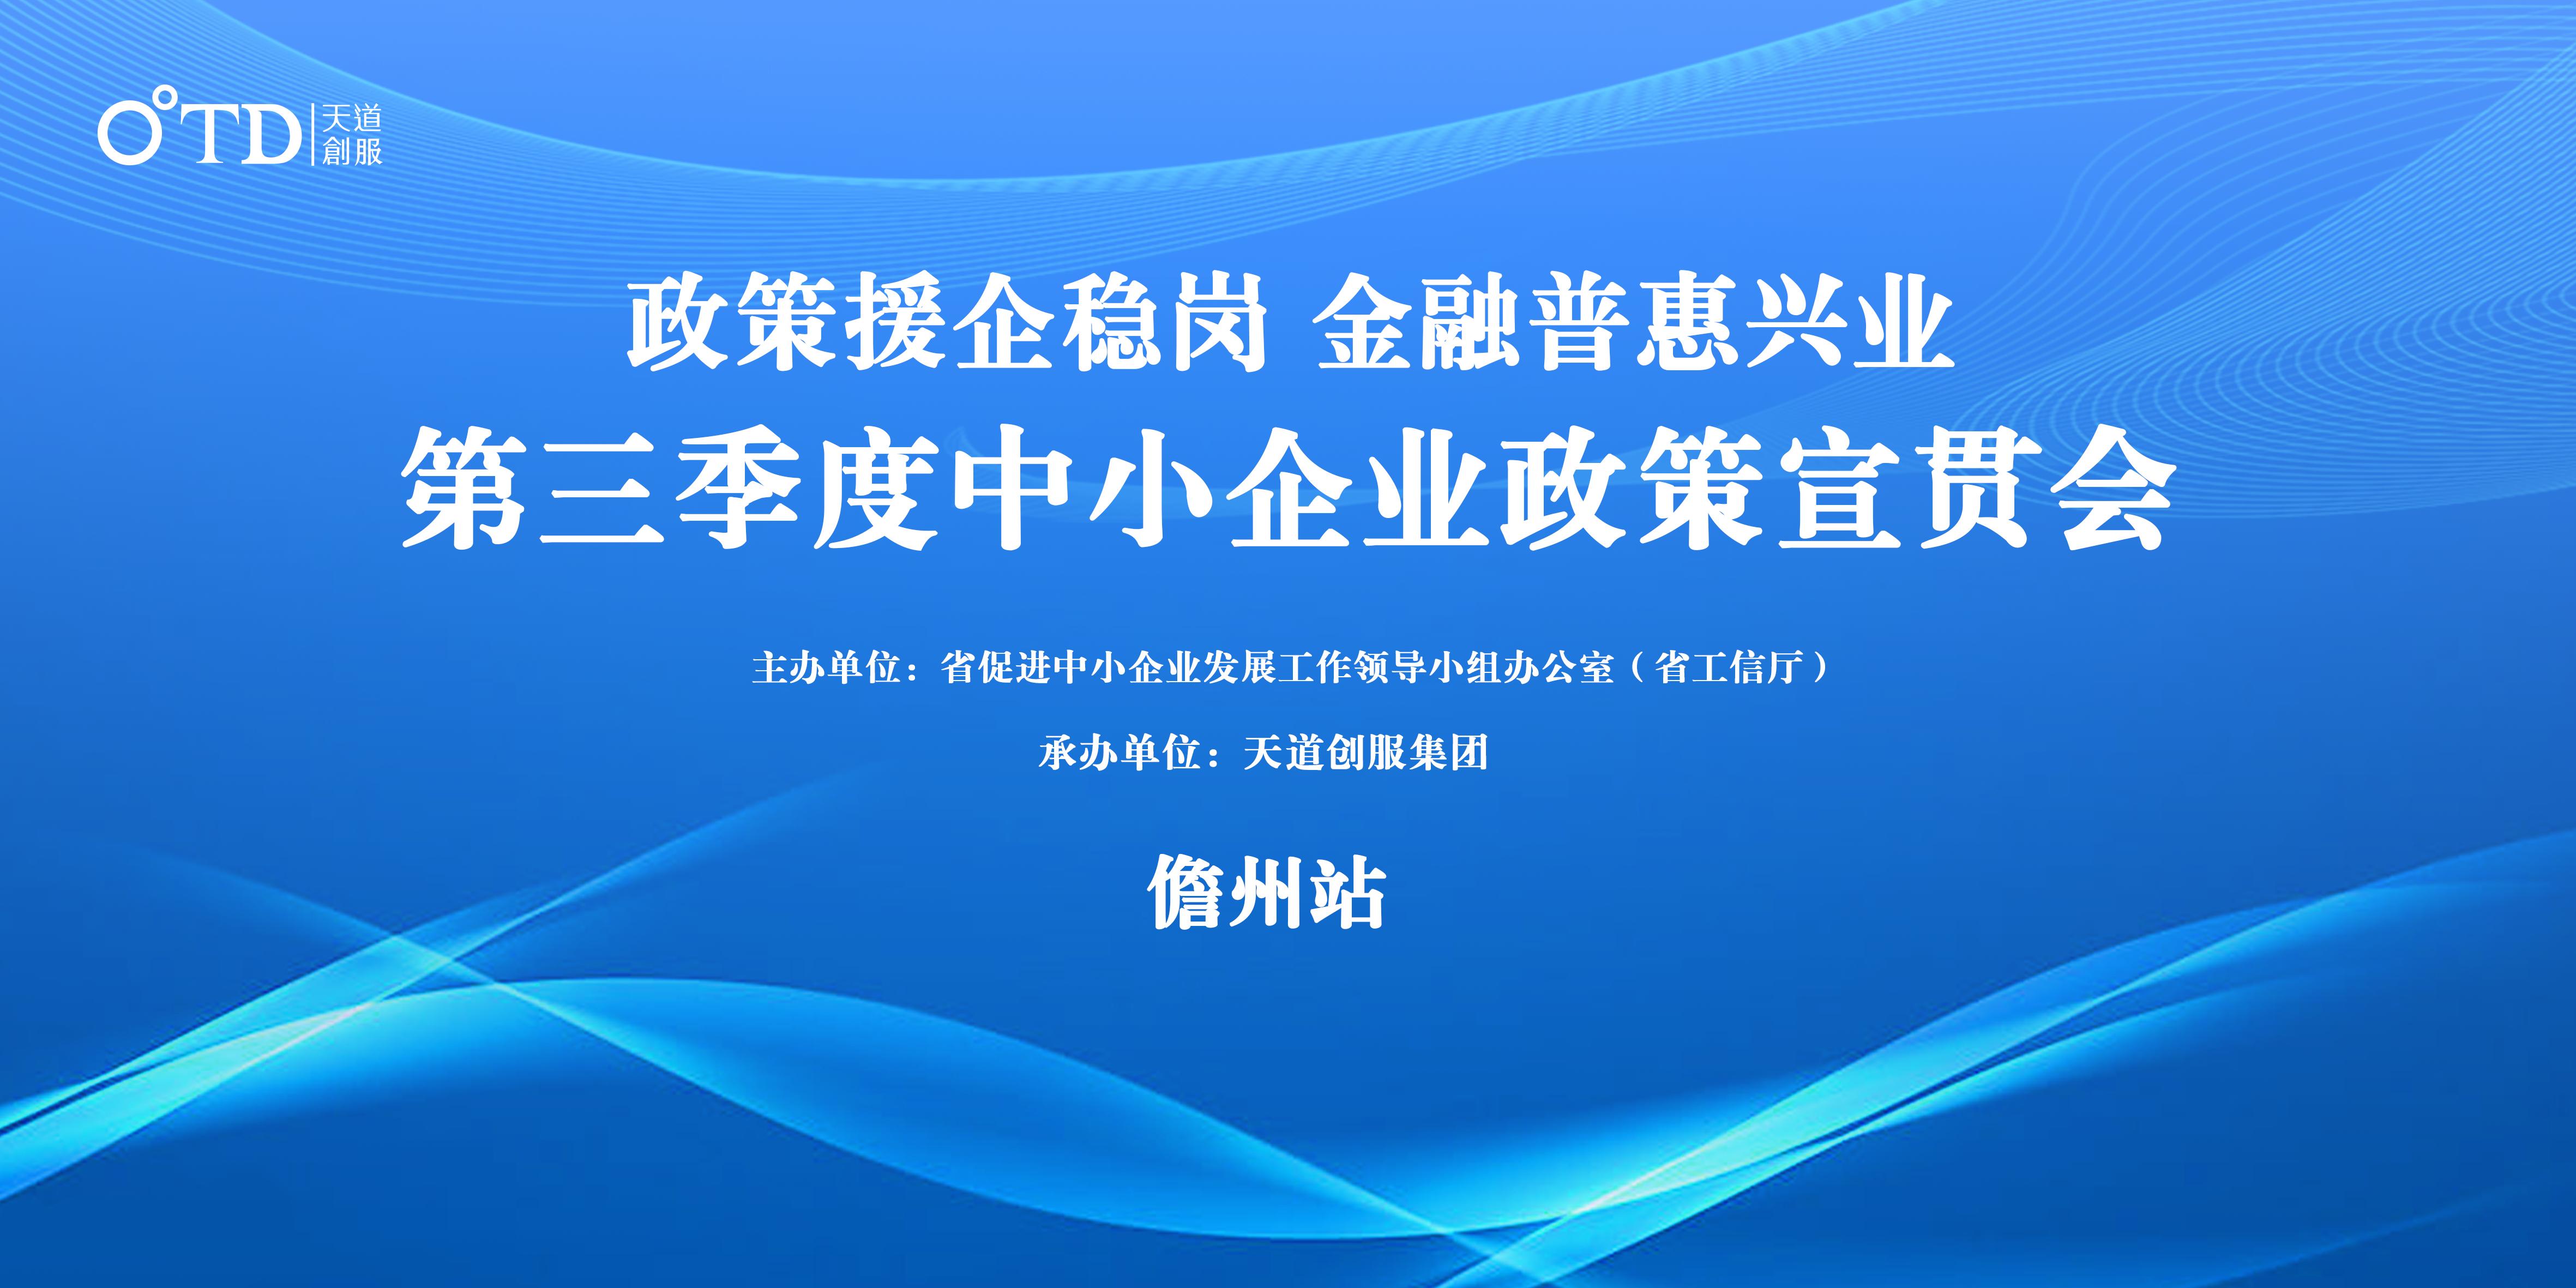 第三季度中小企业政策宣贯会|儋州站